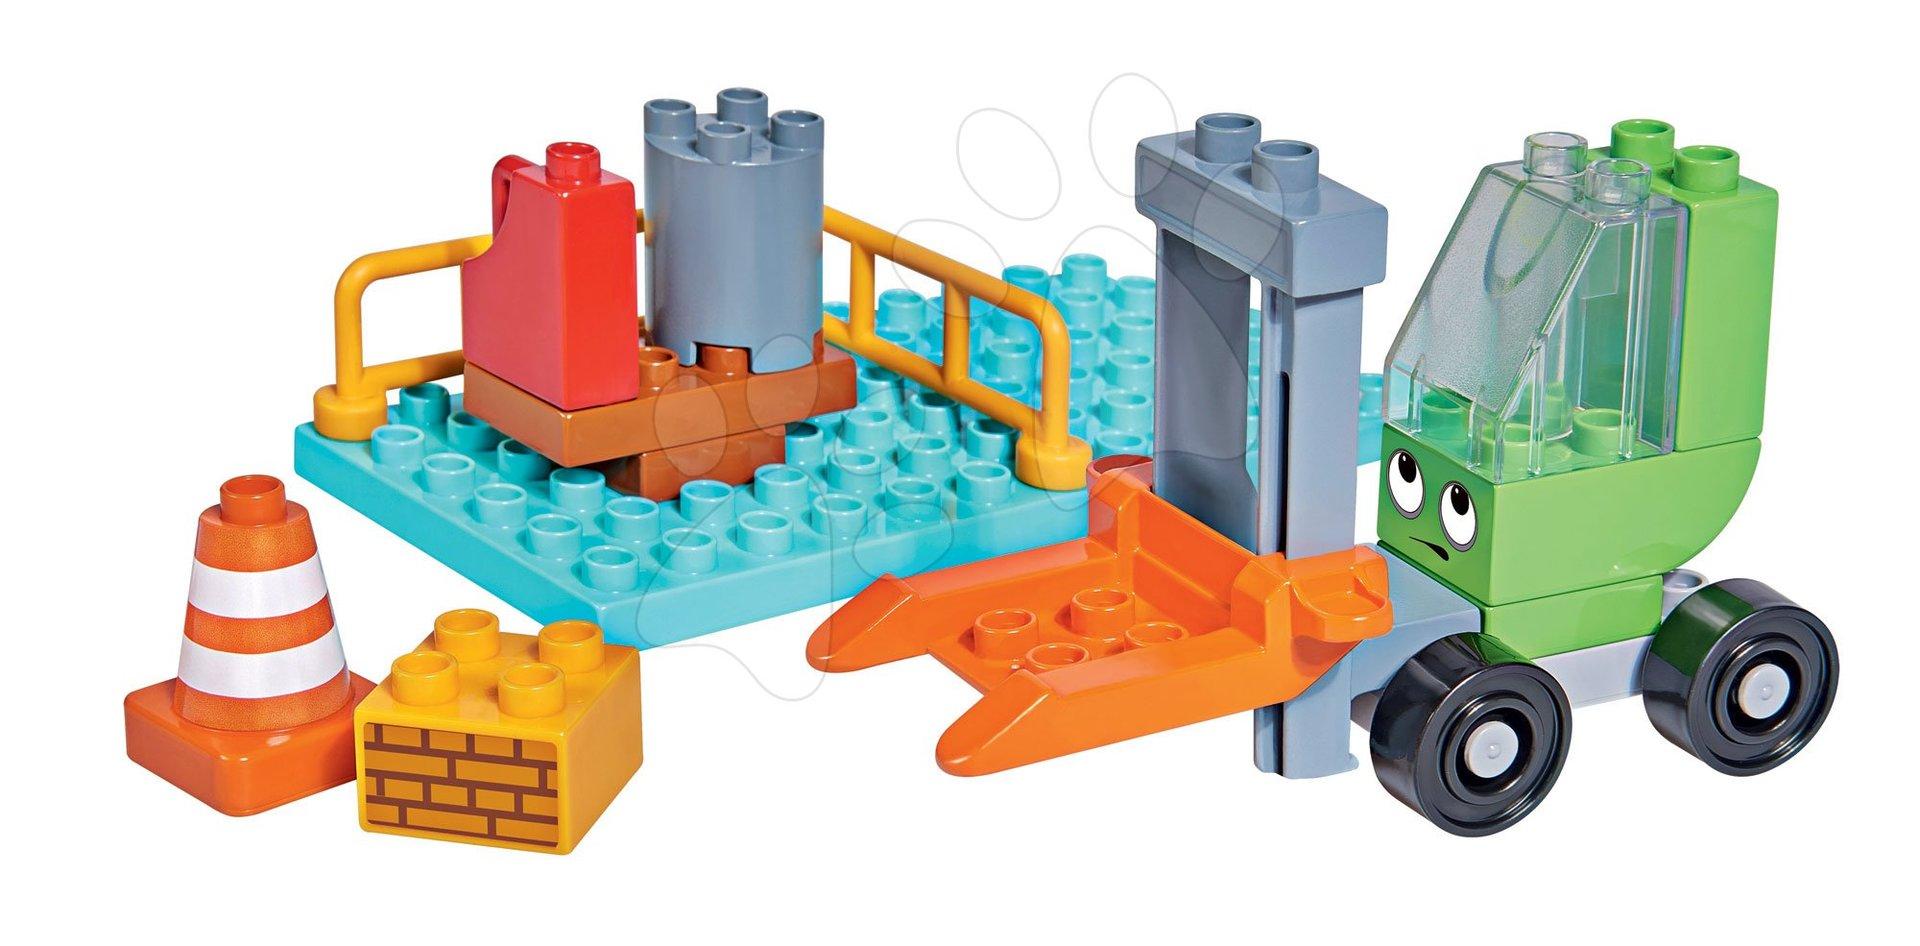 Stavebnice Bořek Stavitel PlayBIG Bloxx vysokozdvižní vozík BIG 16 dílů od 24 měsíců